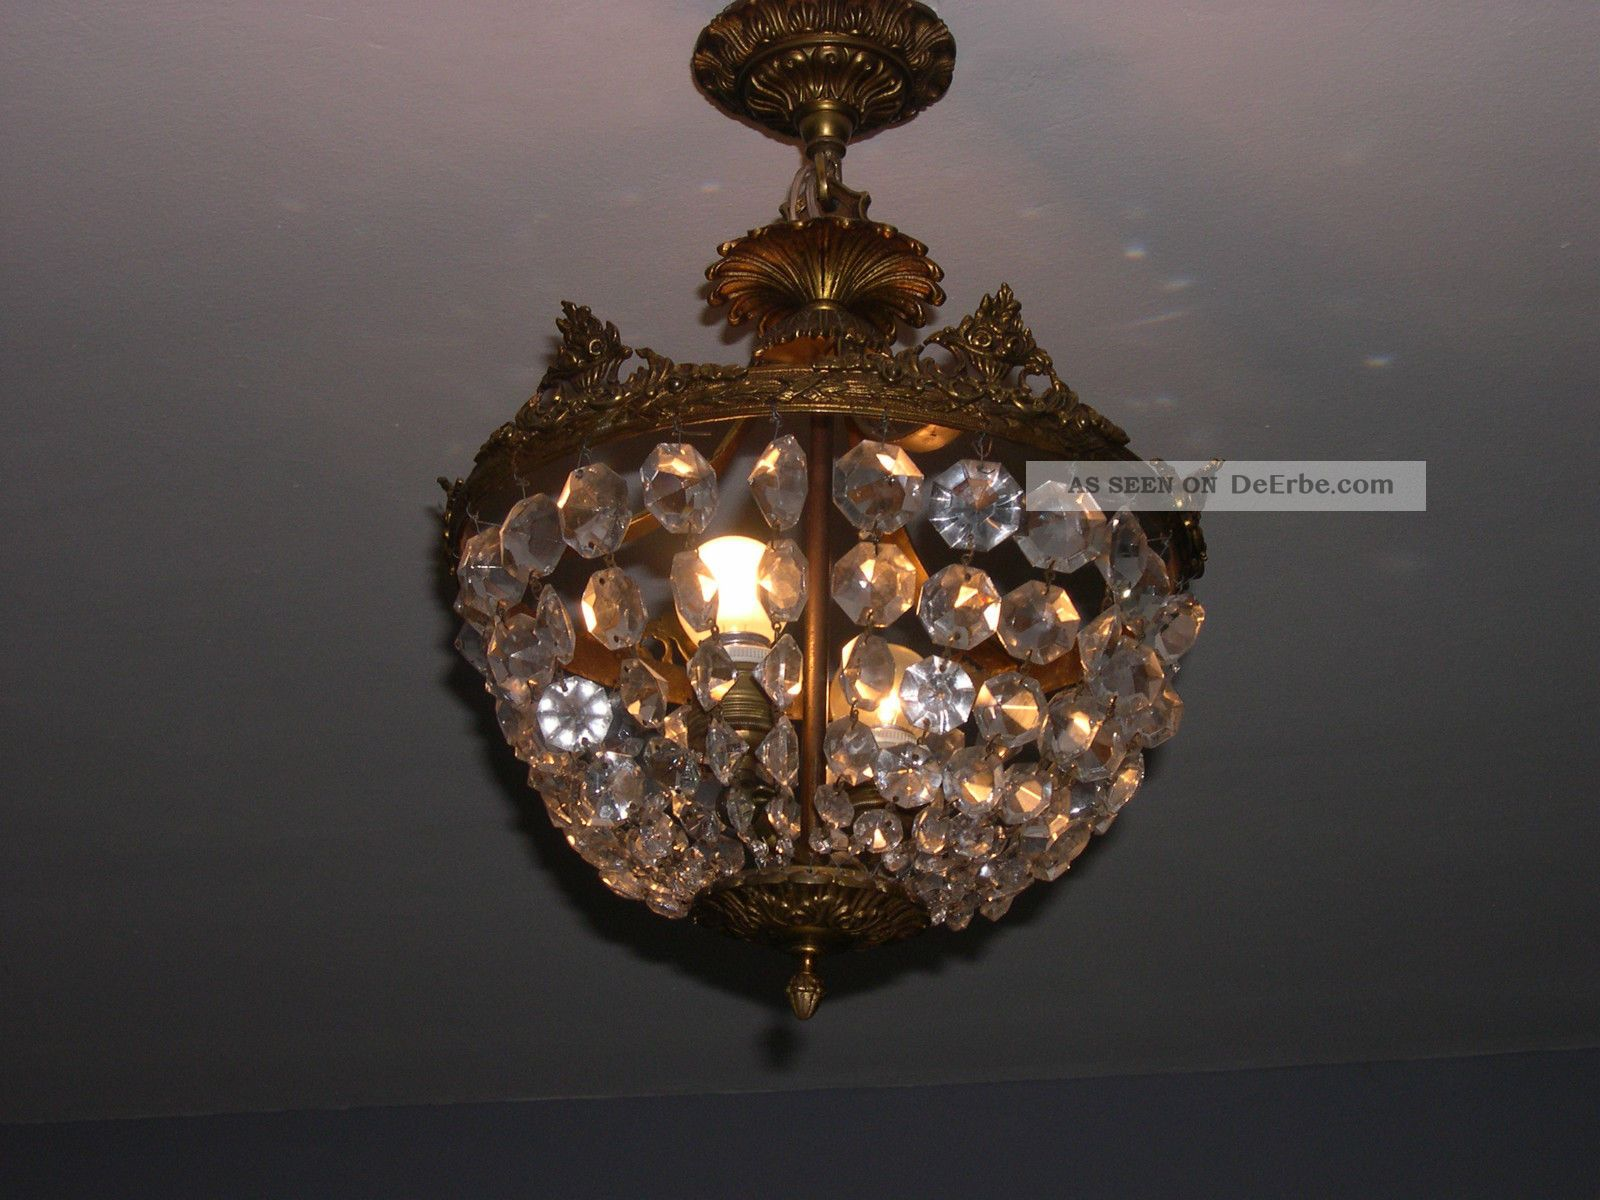 Deckenlampe Jugendstil Plafoniere : Jugendstil glas kristall deckenlampe plafoniere ca